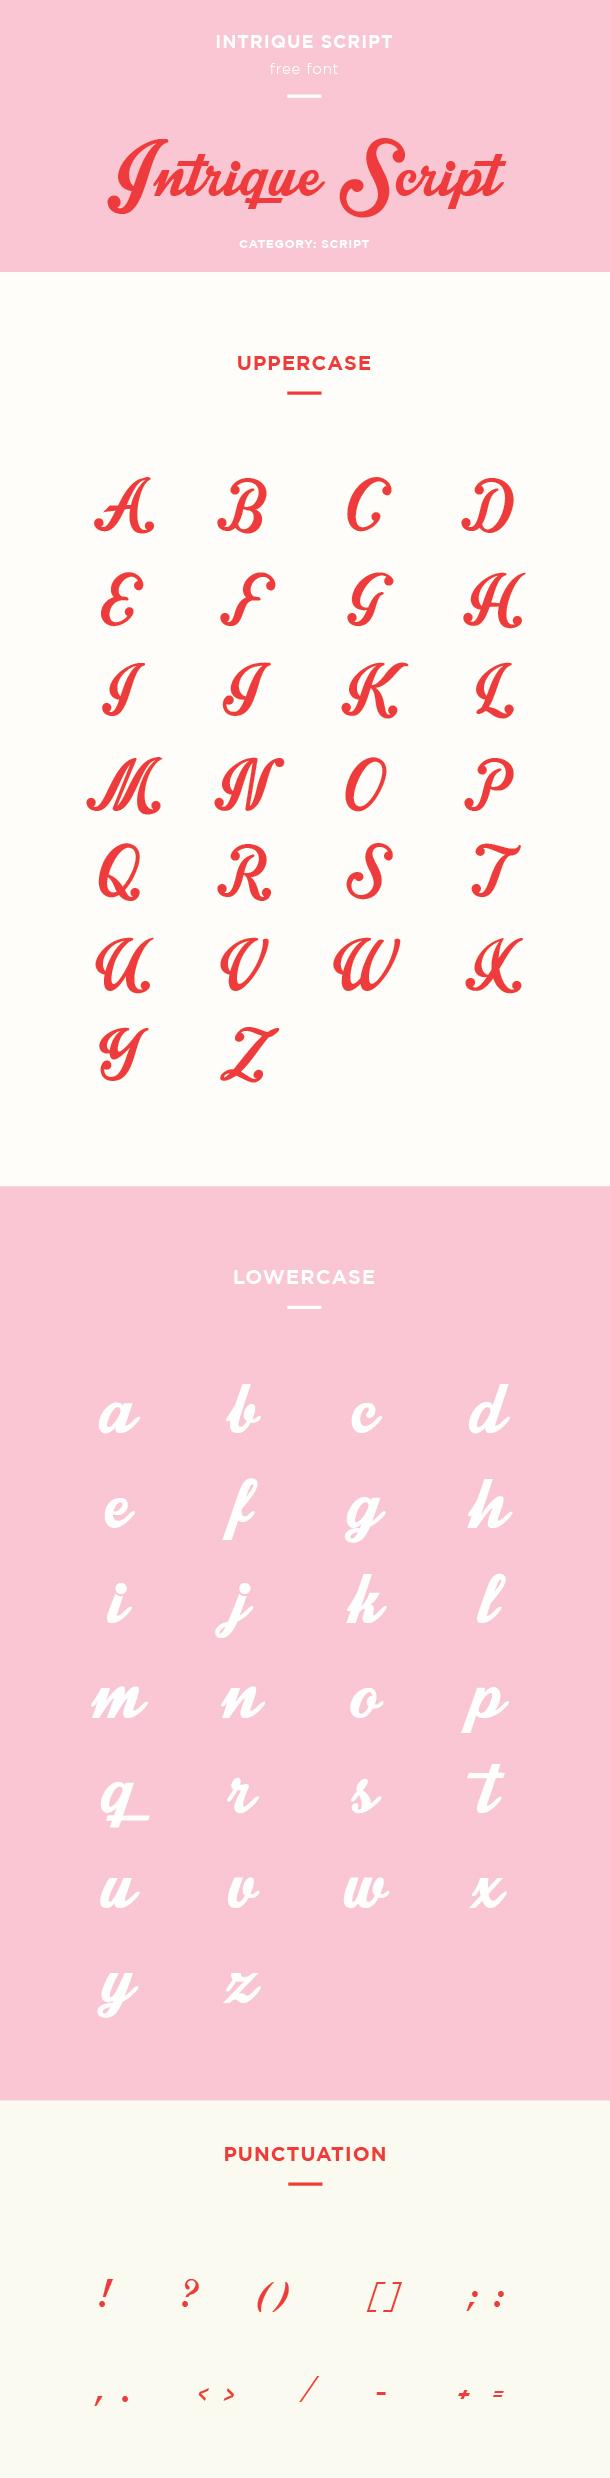 intrique script example